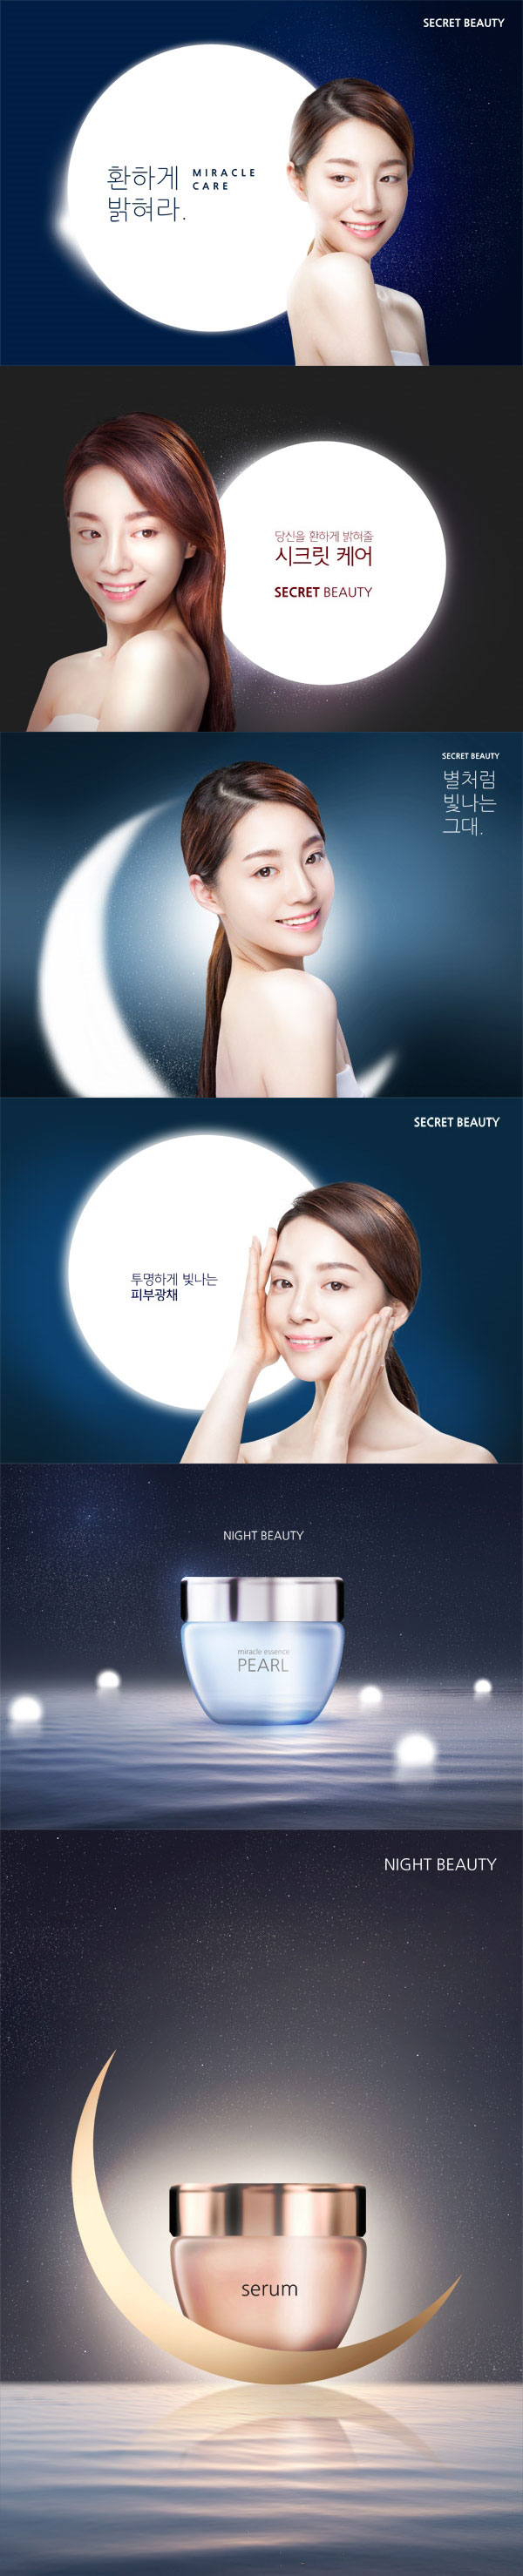 韩式化妆品海报2